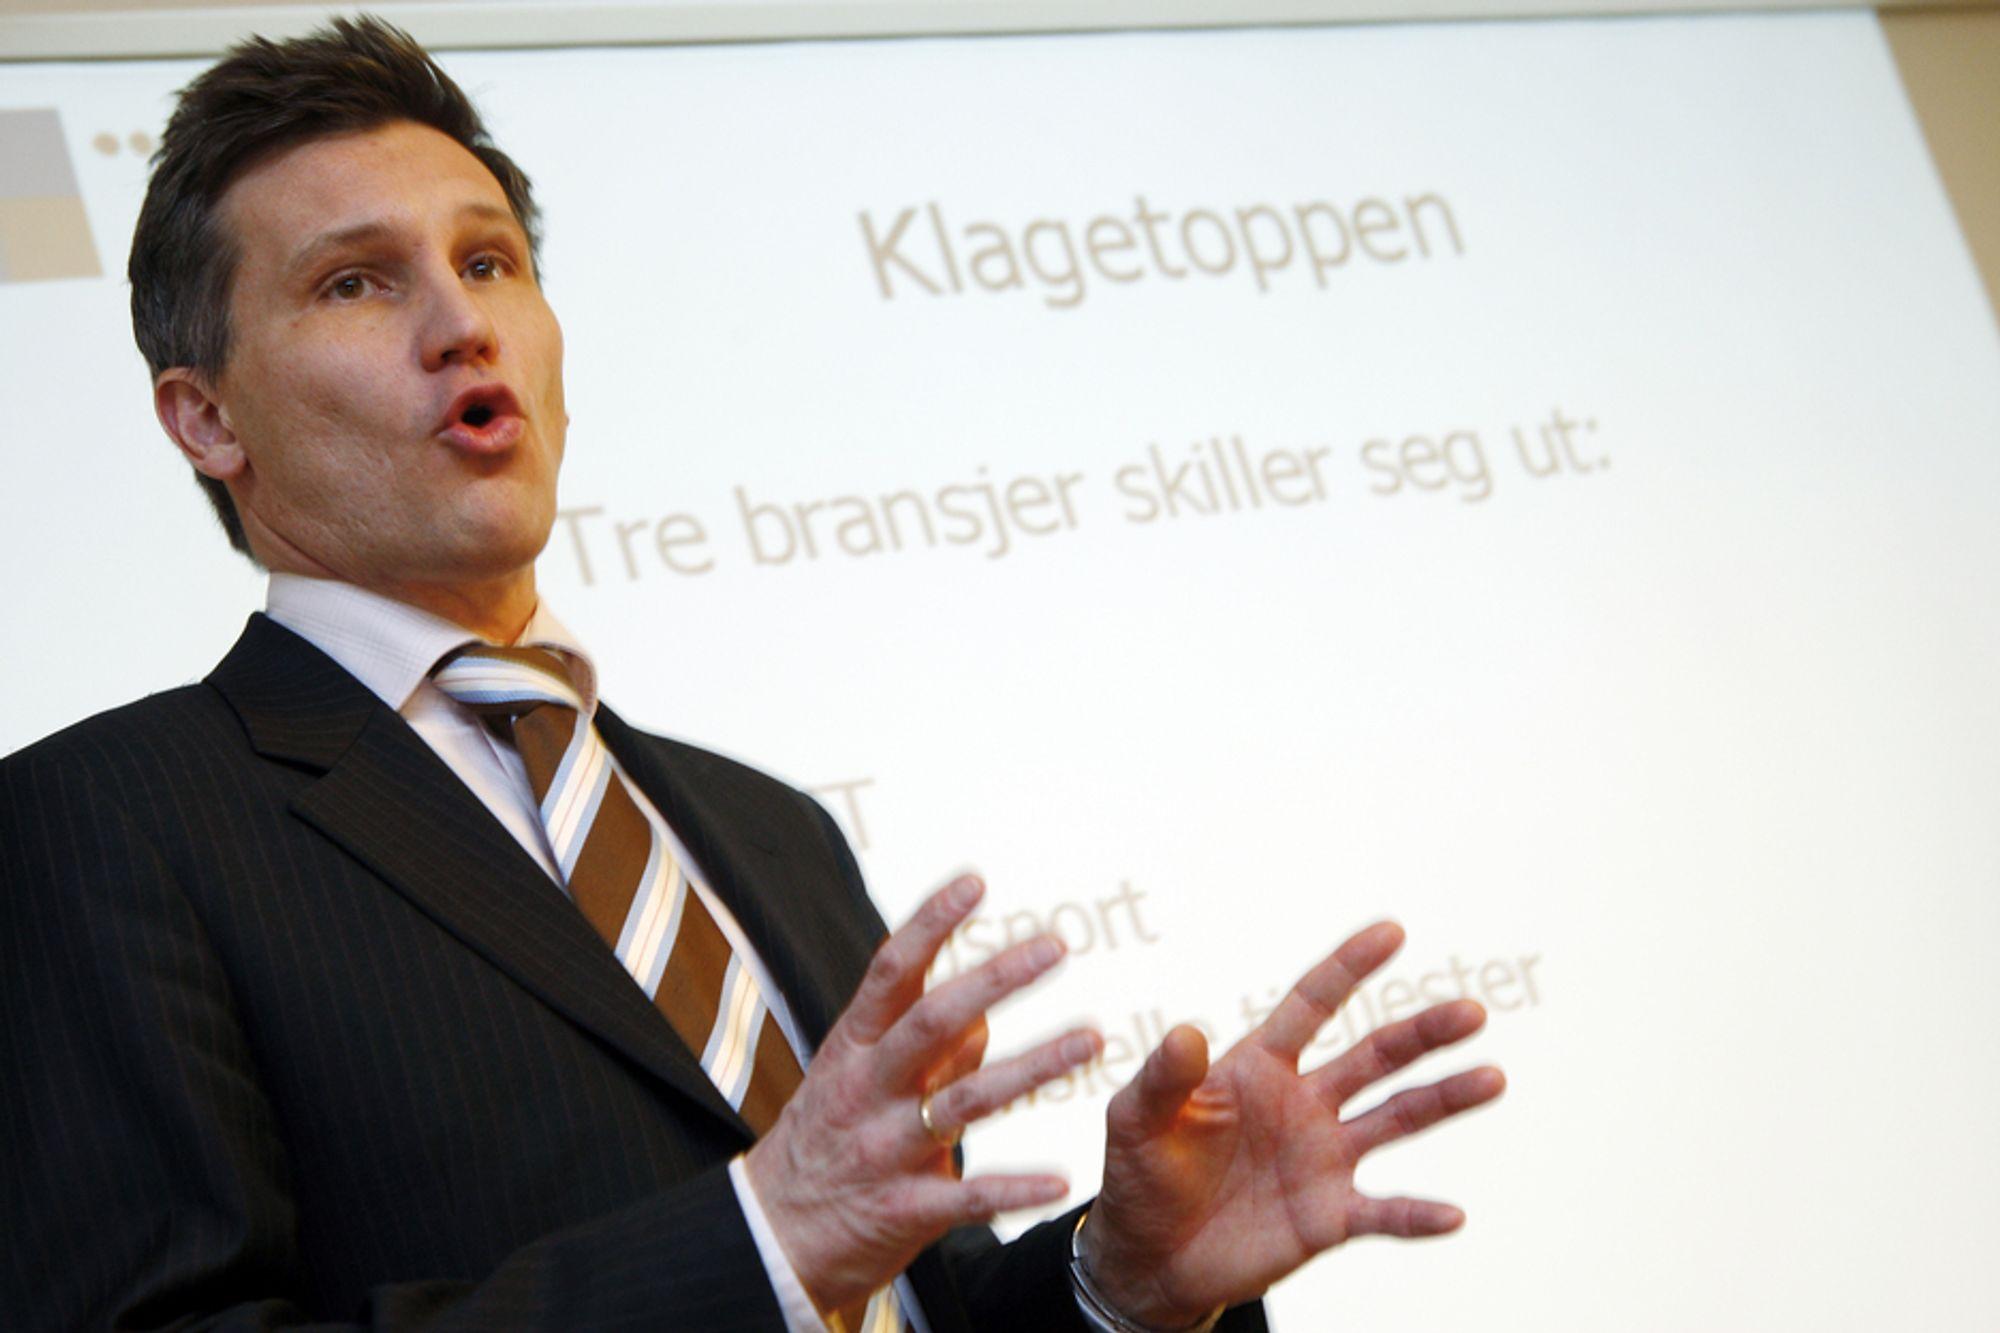 Forbrukerombud Bjørn Erik Thon og internettleverandørene er enige om en ny standard for markedsføring og avtalevilkår.